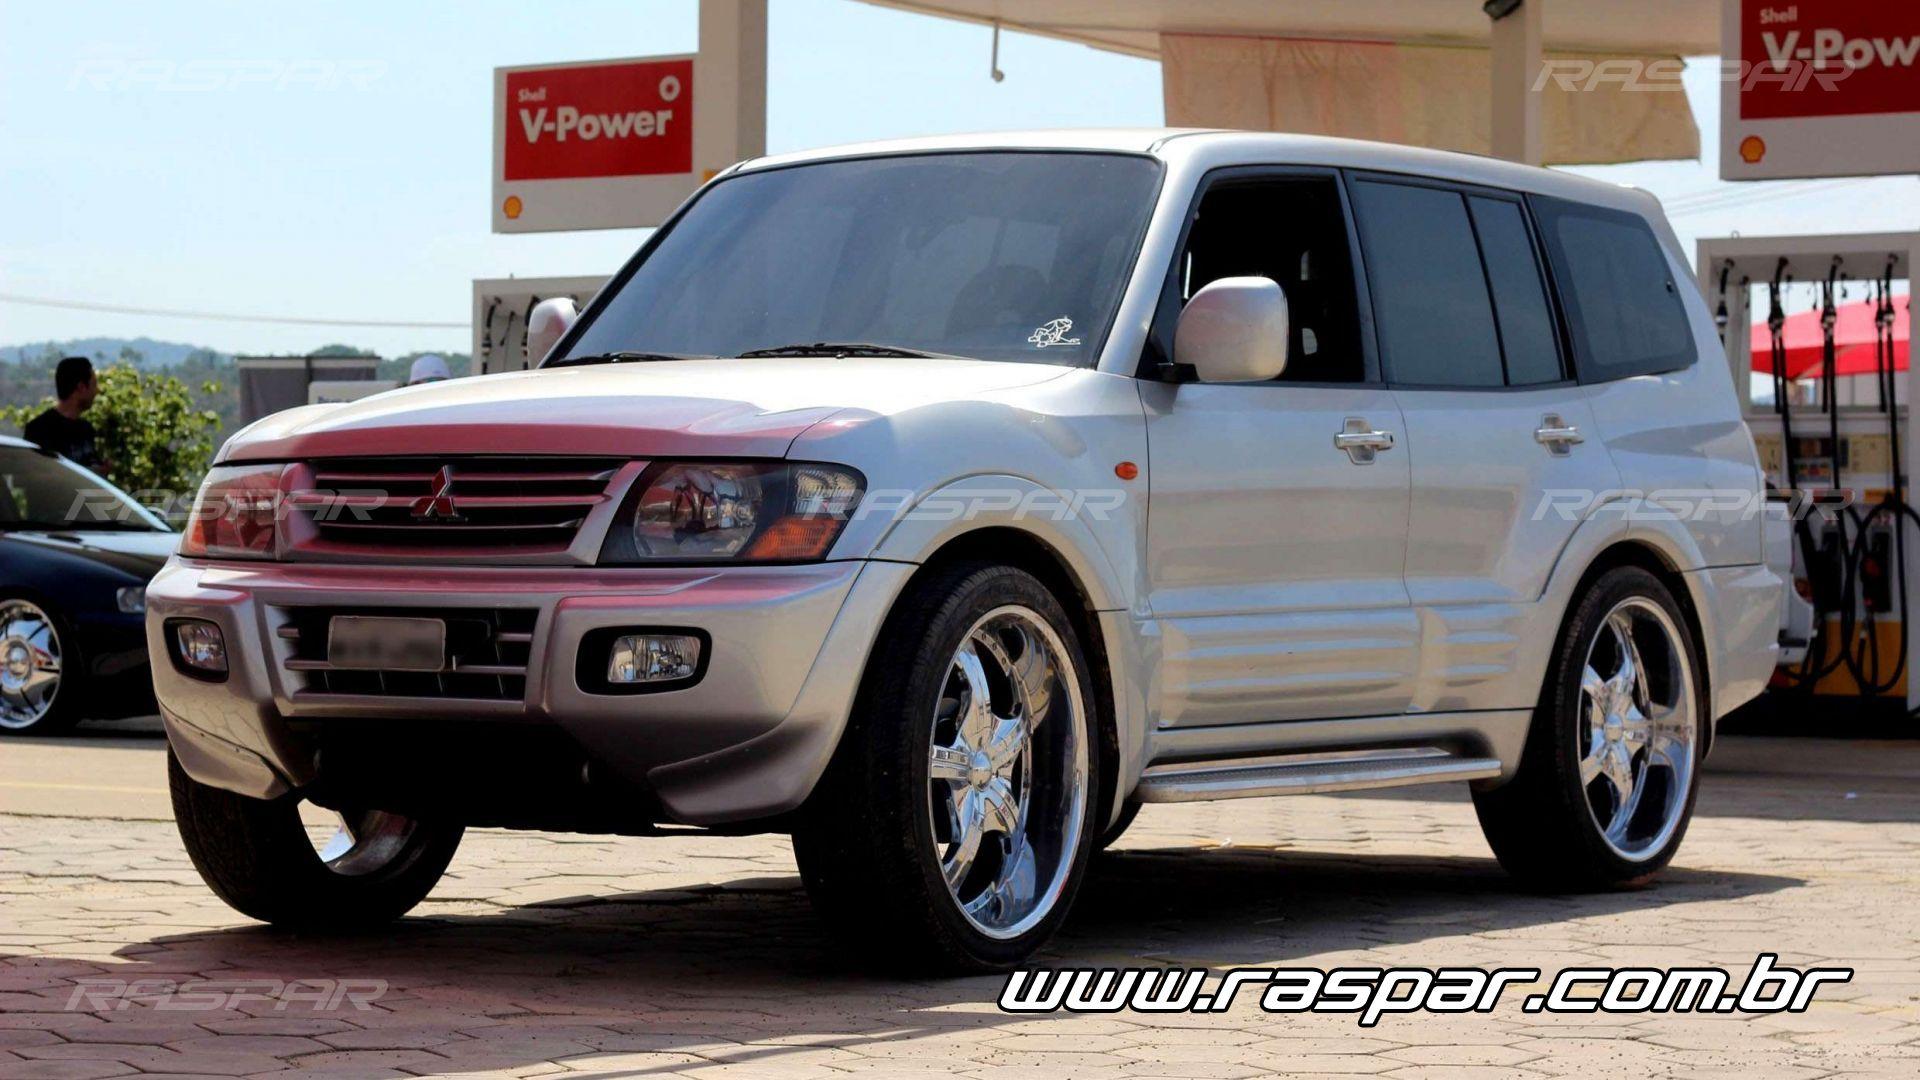 2002 ARO 24